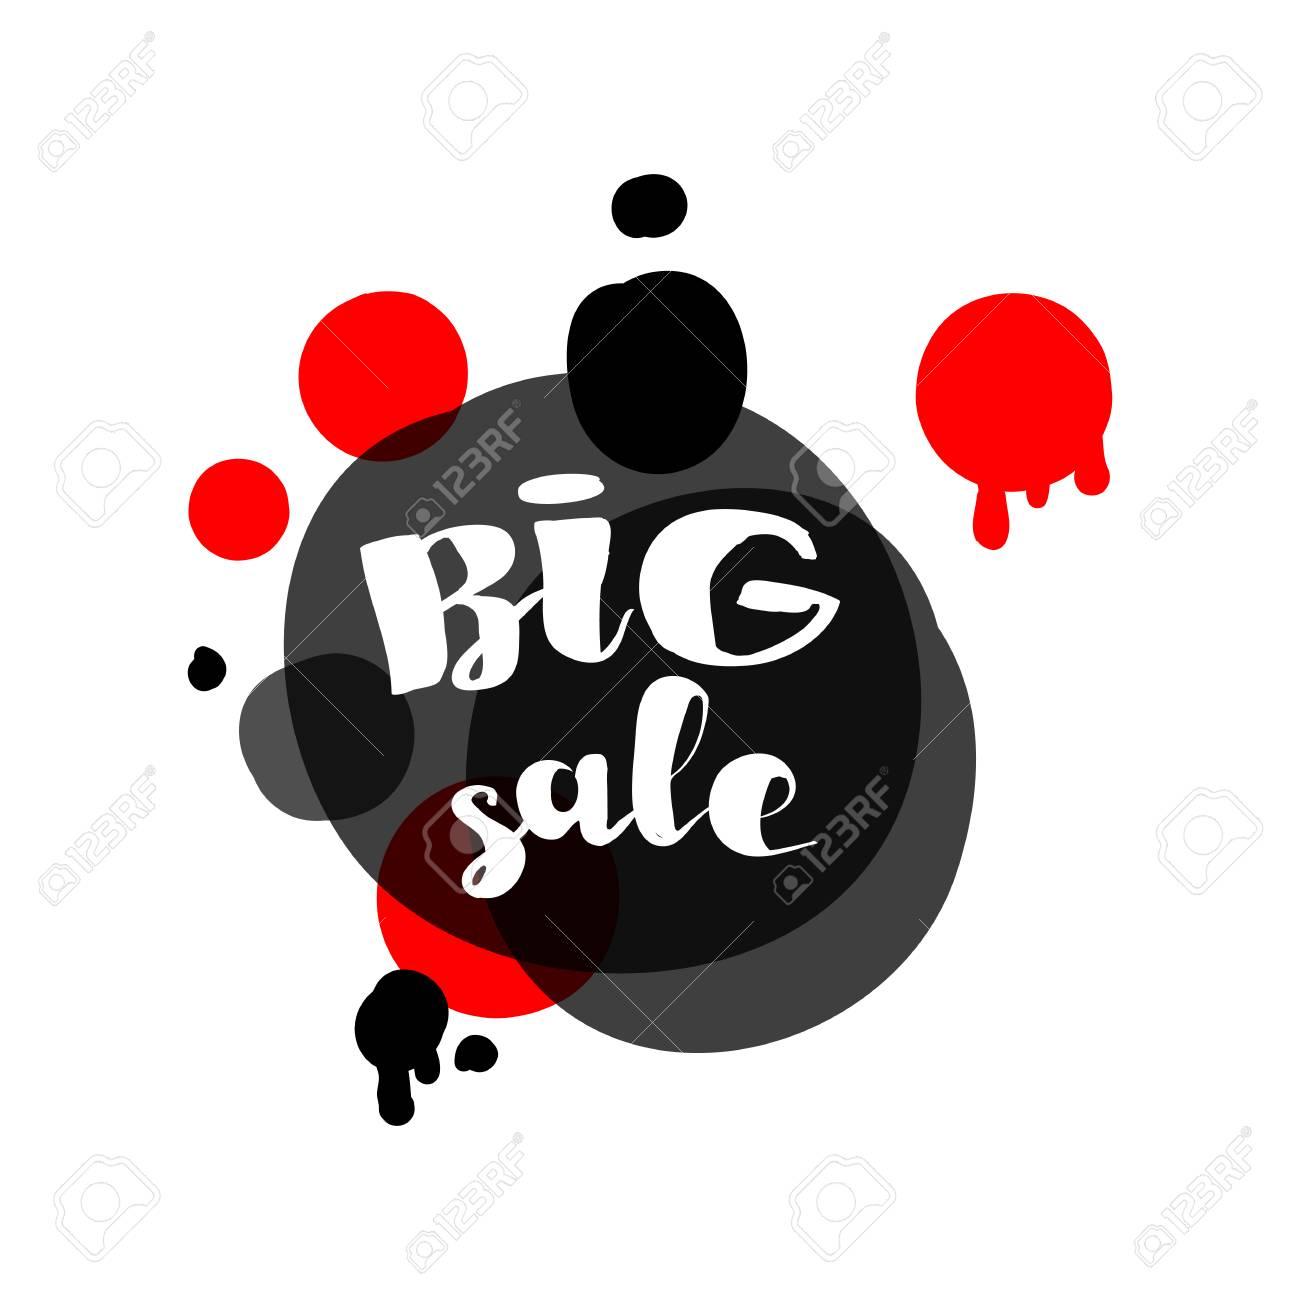 new concept 6b80a 1e9a4 Gli adesivi di vendita di grande disegno rosso e nero del cerchio  designano. Illustrazioni vettoriali per lo shopping online, promozioni di  prodotti, ...